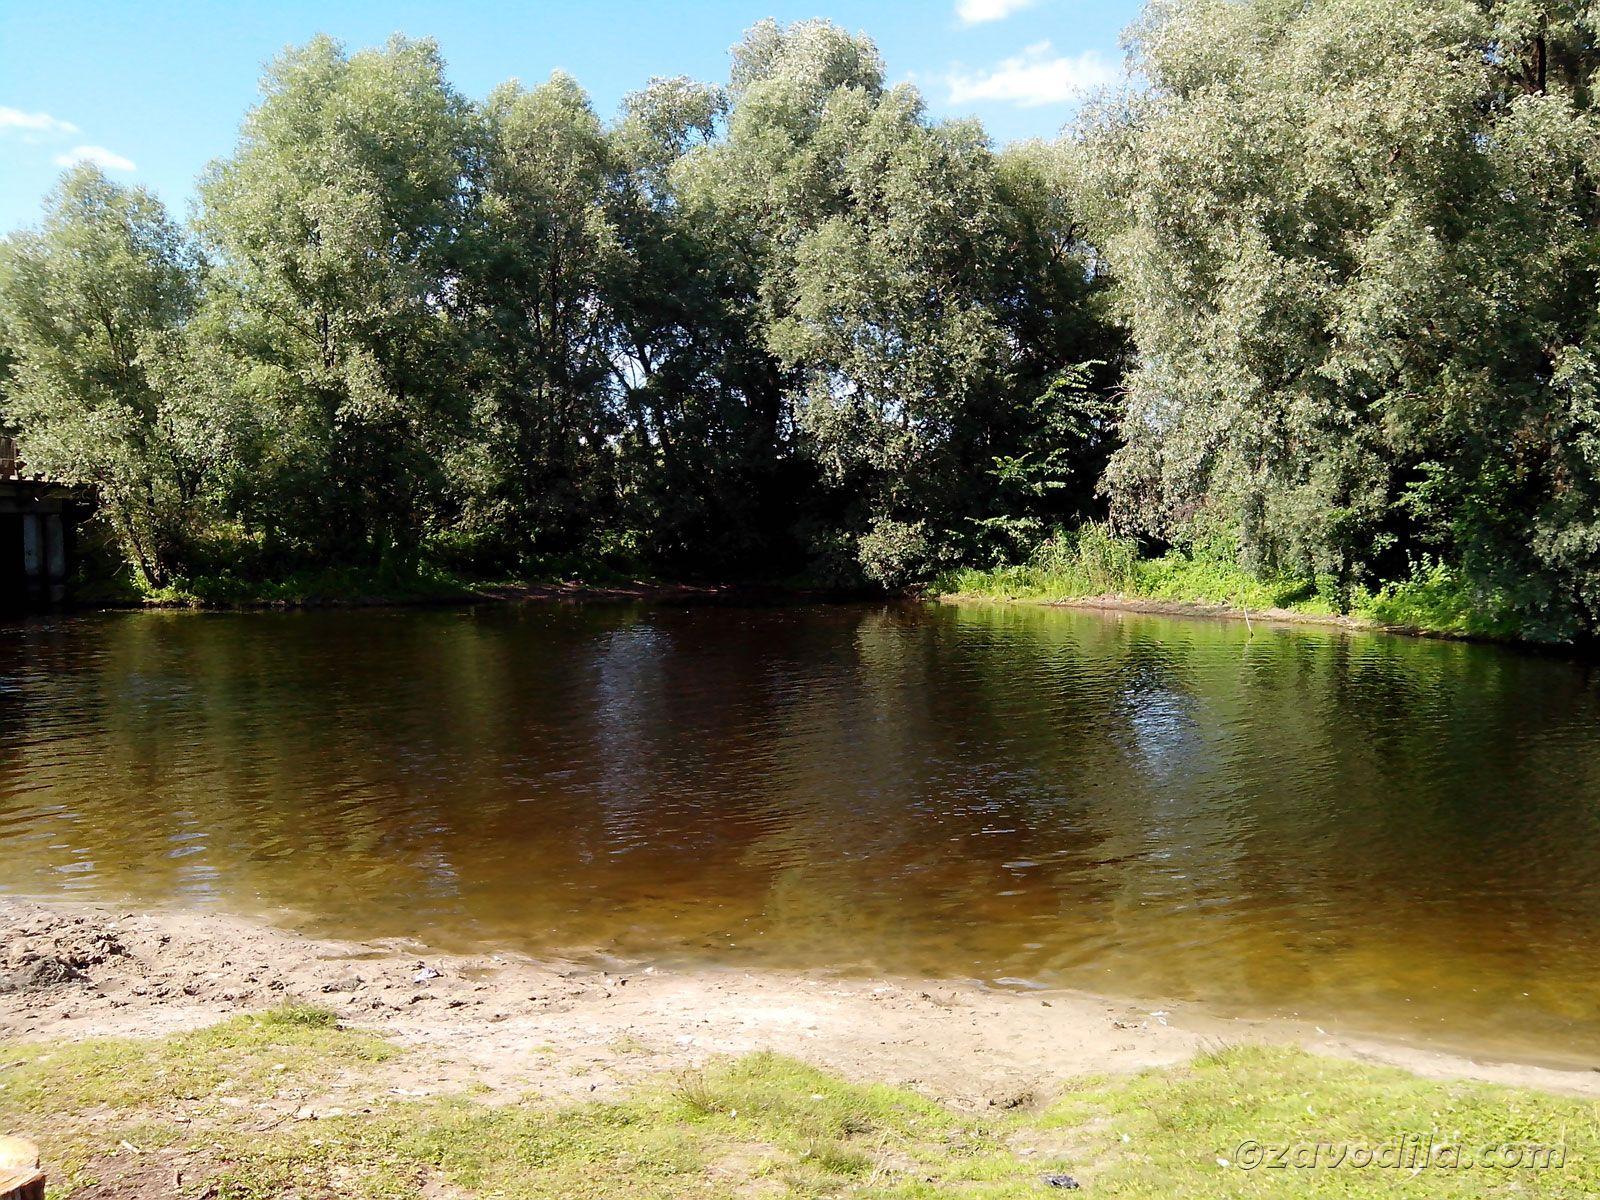 Деревенский отдых - хорошая альтернатива при скромном бюджете